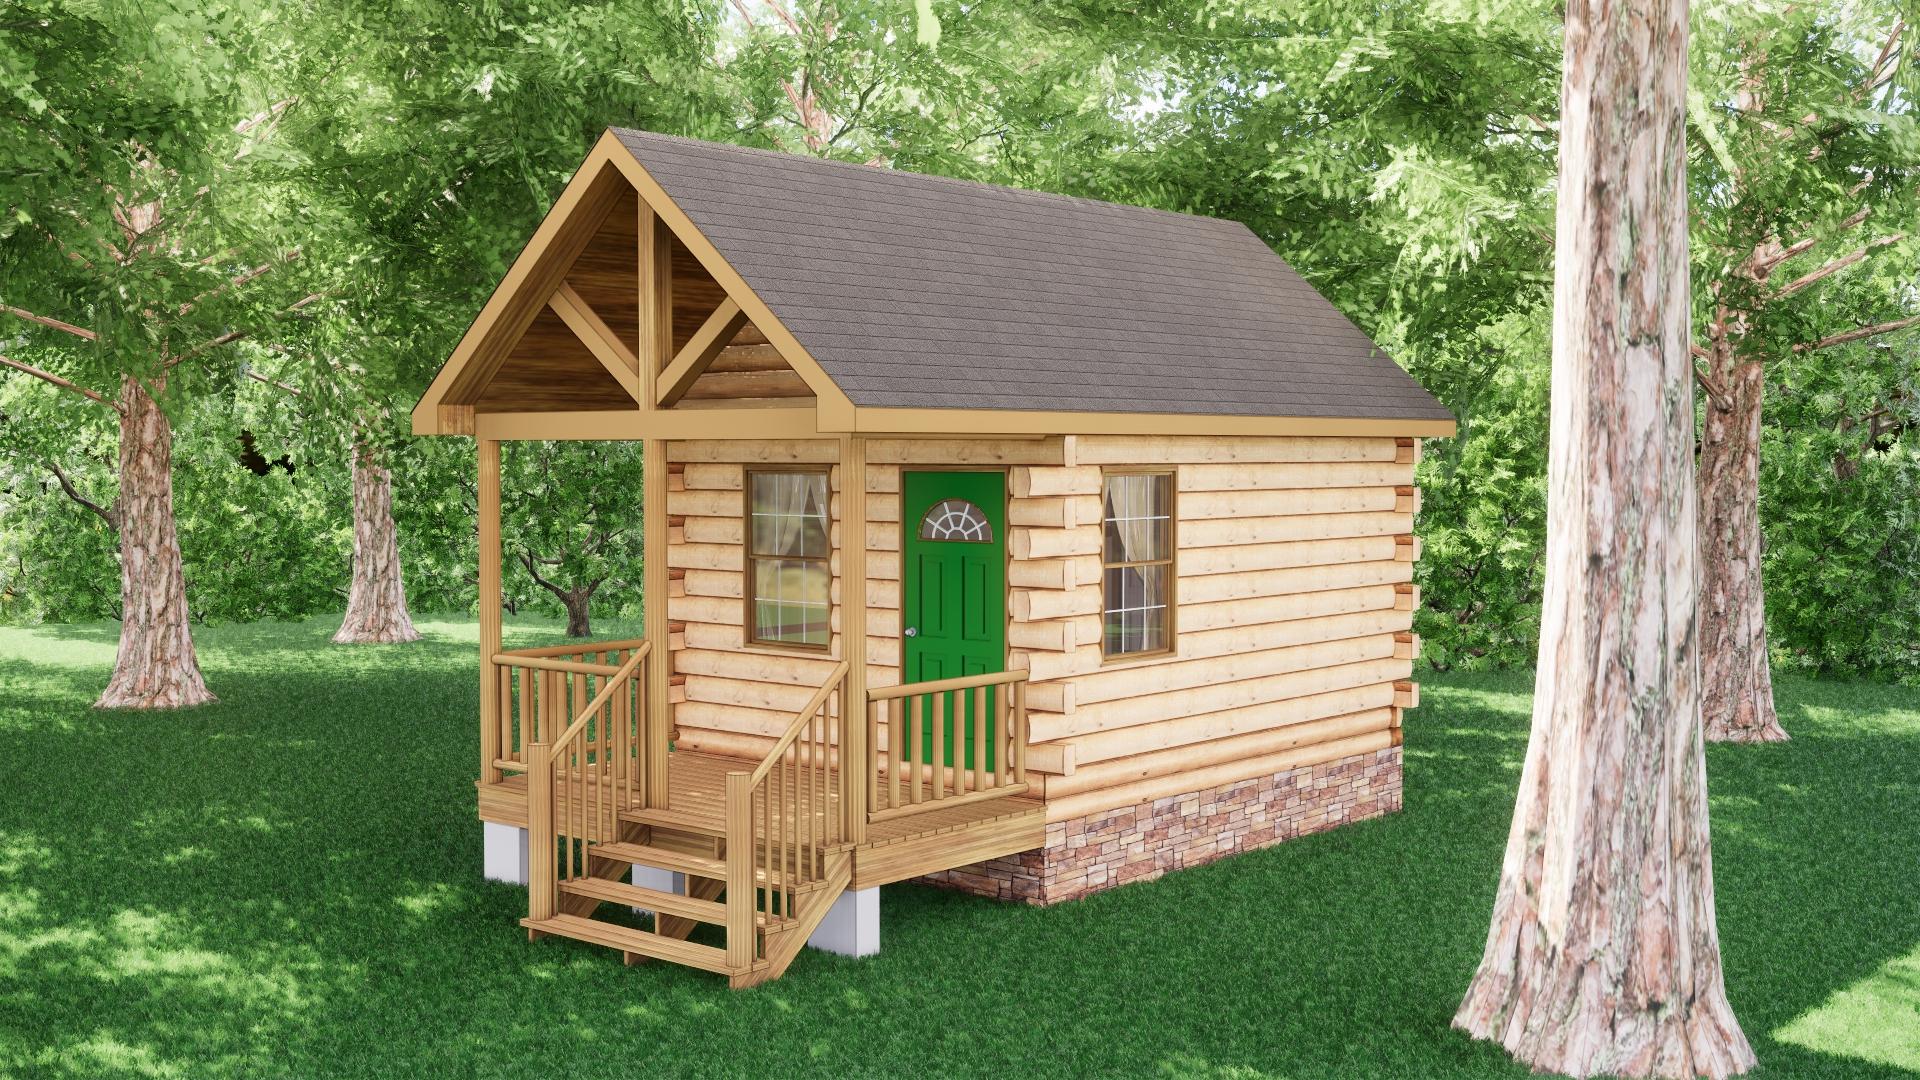 Small Log Cabins - Small Log Cabin Kits 9